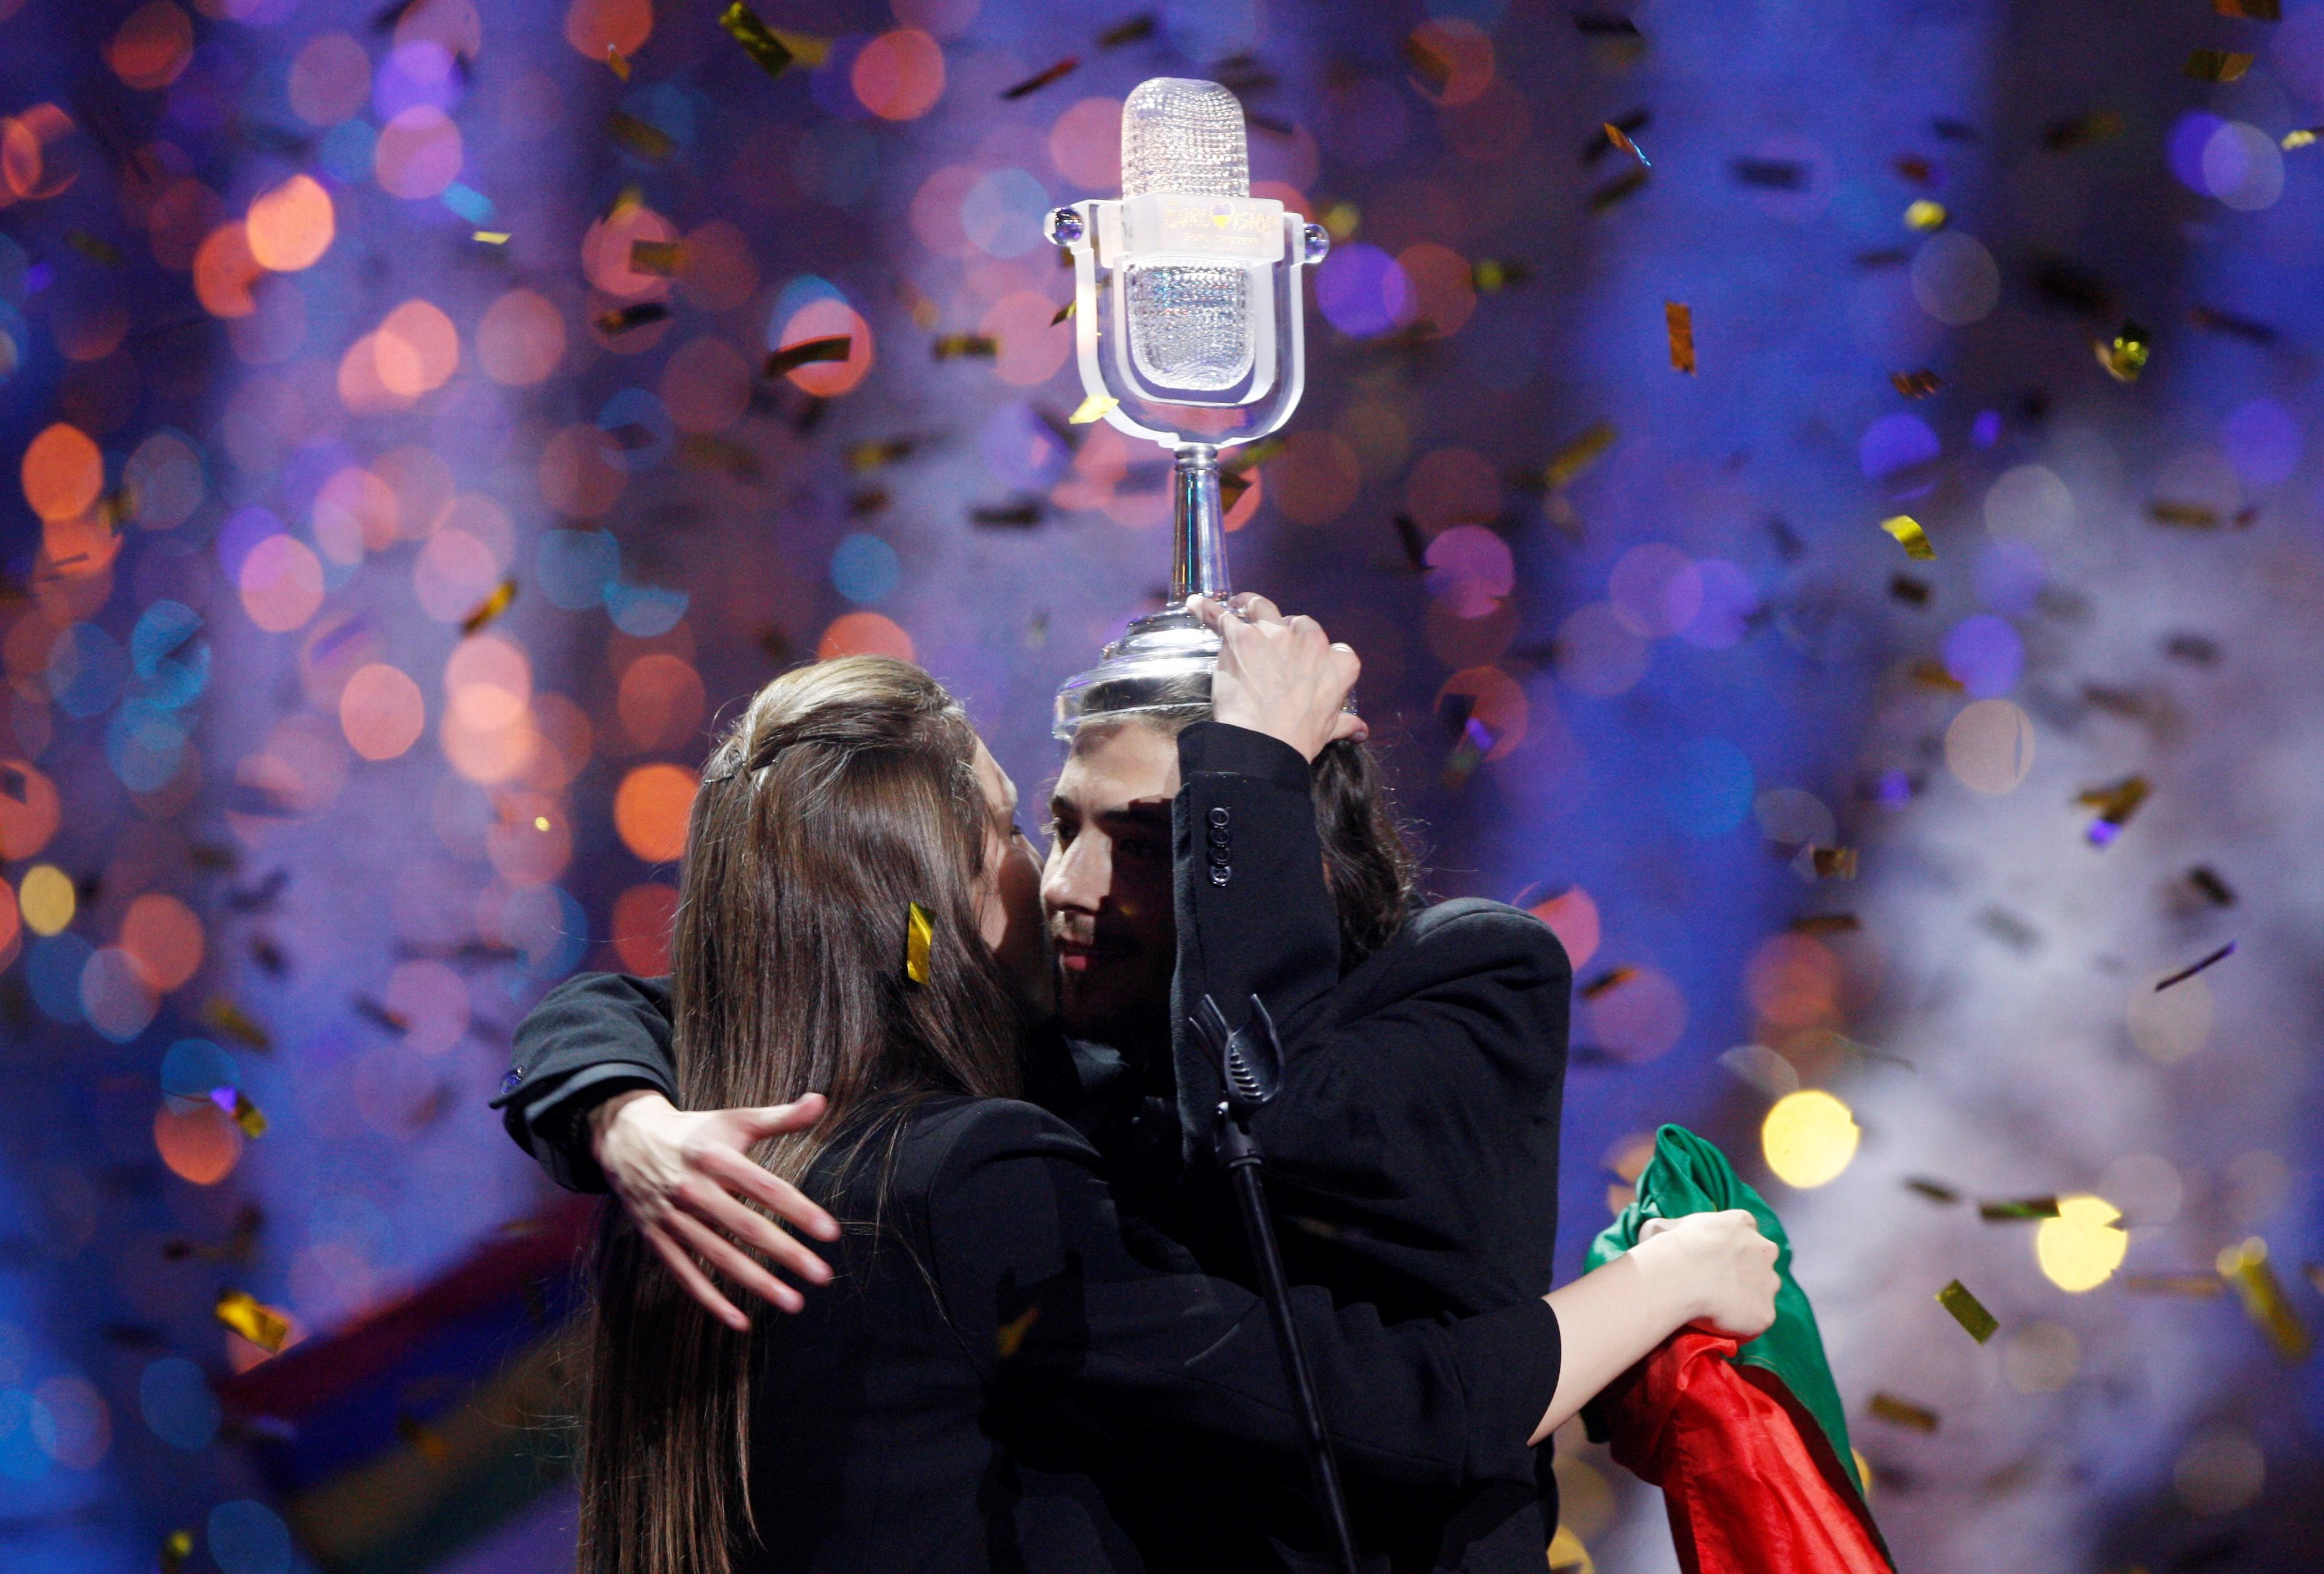 Fizetnie kell Ukrajnának, amiért nem engedte be az Eurovízióra az orosz versenyzőt, aki fellépett a megszállt Krímben